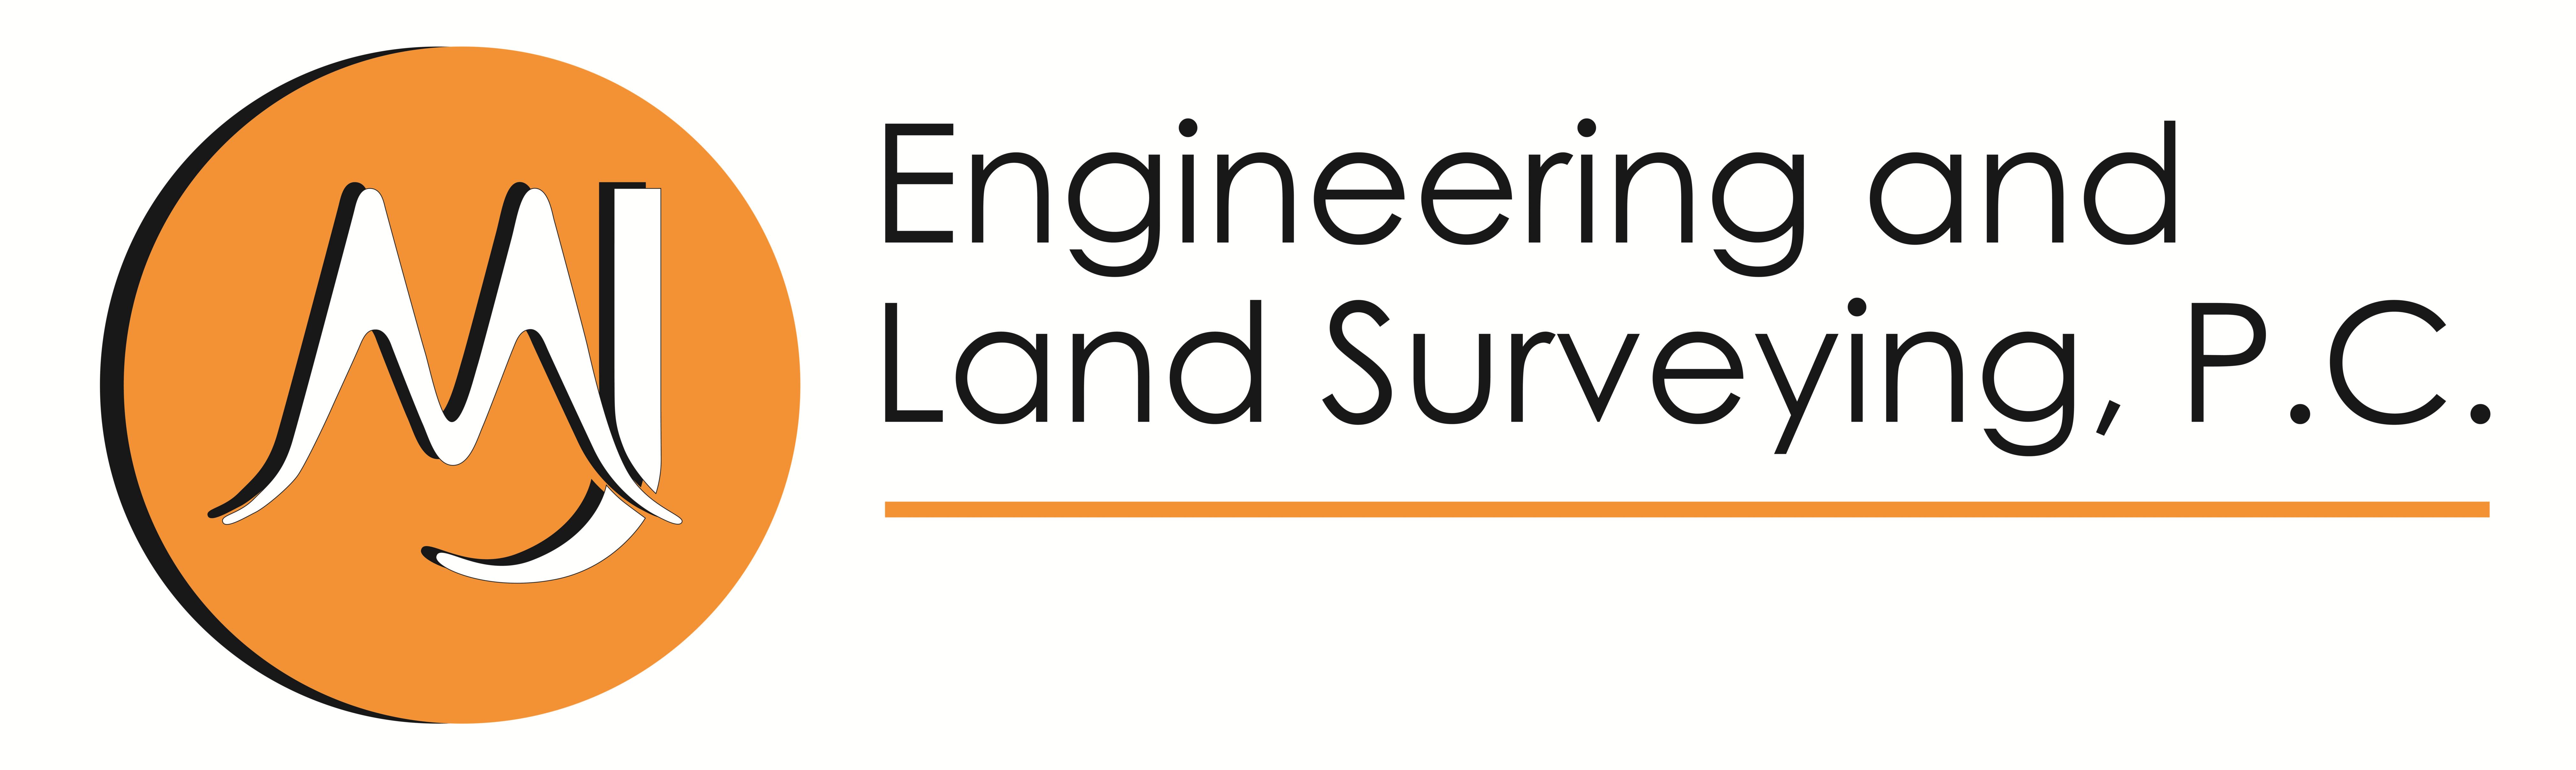 MJ Engineering and Land Surveying, PC logo